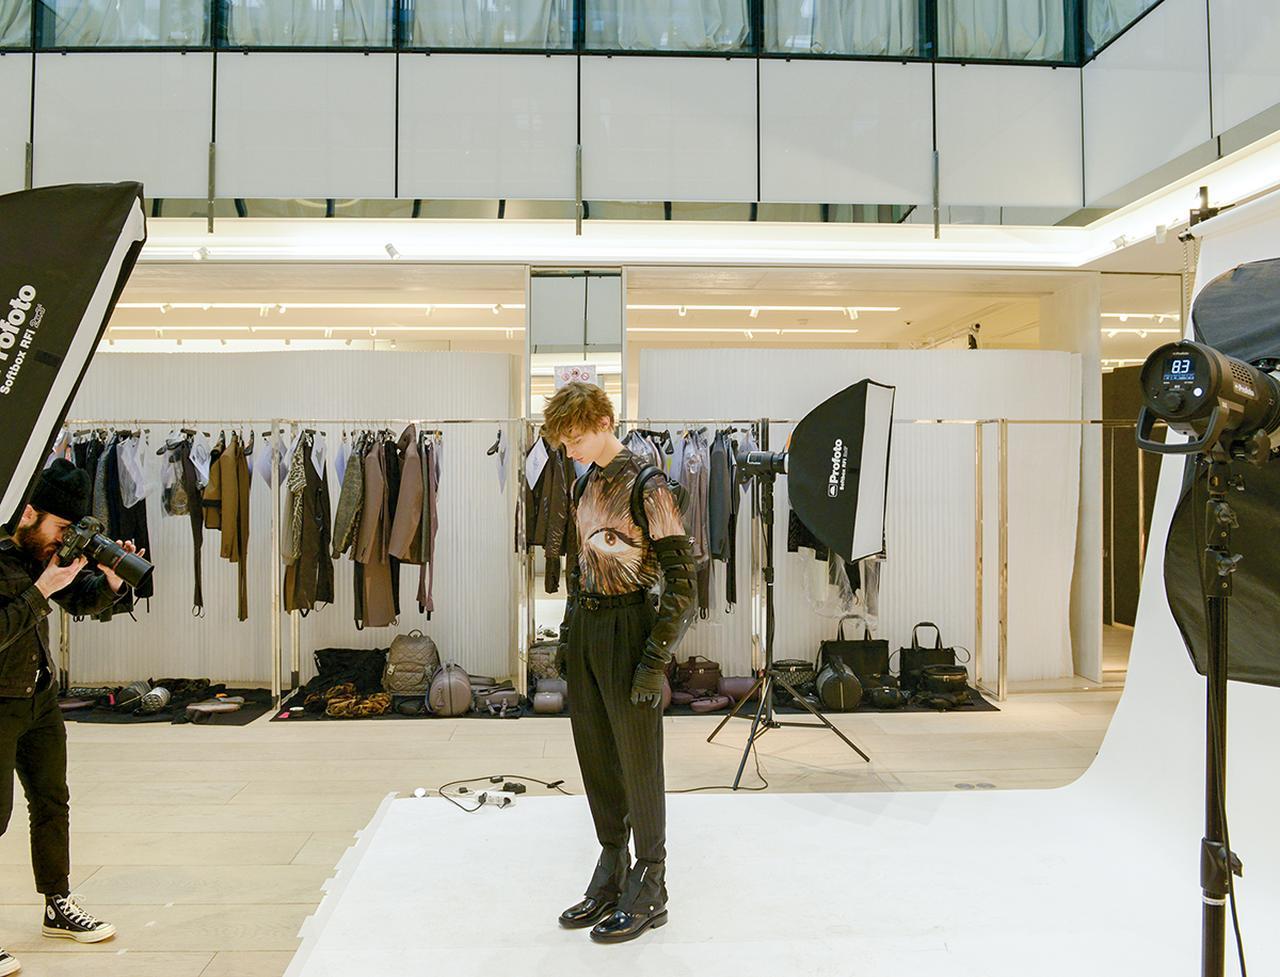 Images : 3番目の画像 - 「対極の要素が共存する 「ディオール」 キム・ジョーンズの世界」のアルバム - T JAPAN:The New York Times Style Magazine 公式サイト